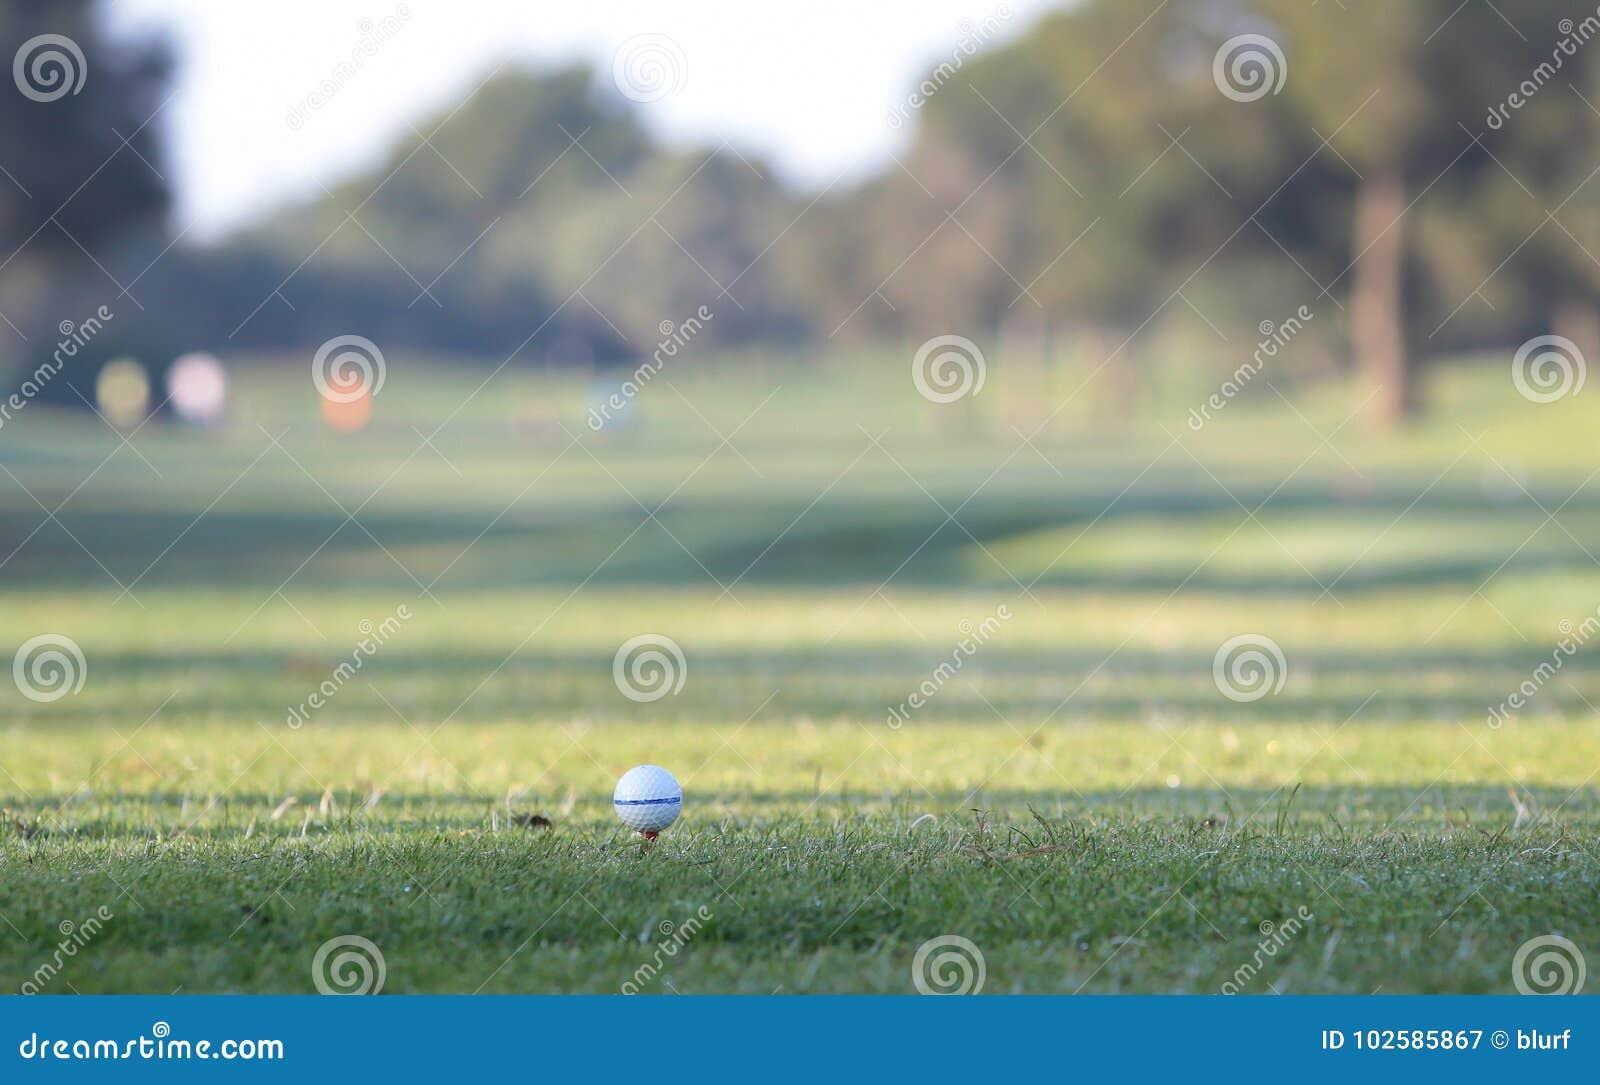 Λεπτομέρεια πρωταθλημάτων γκολφ στη σφαίρα